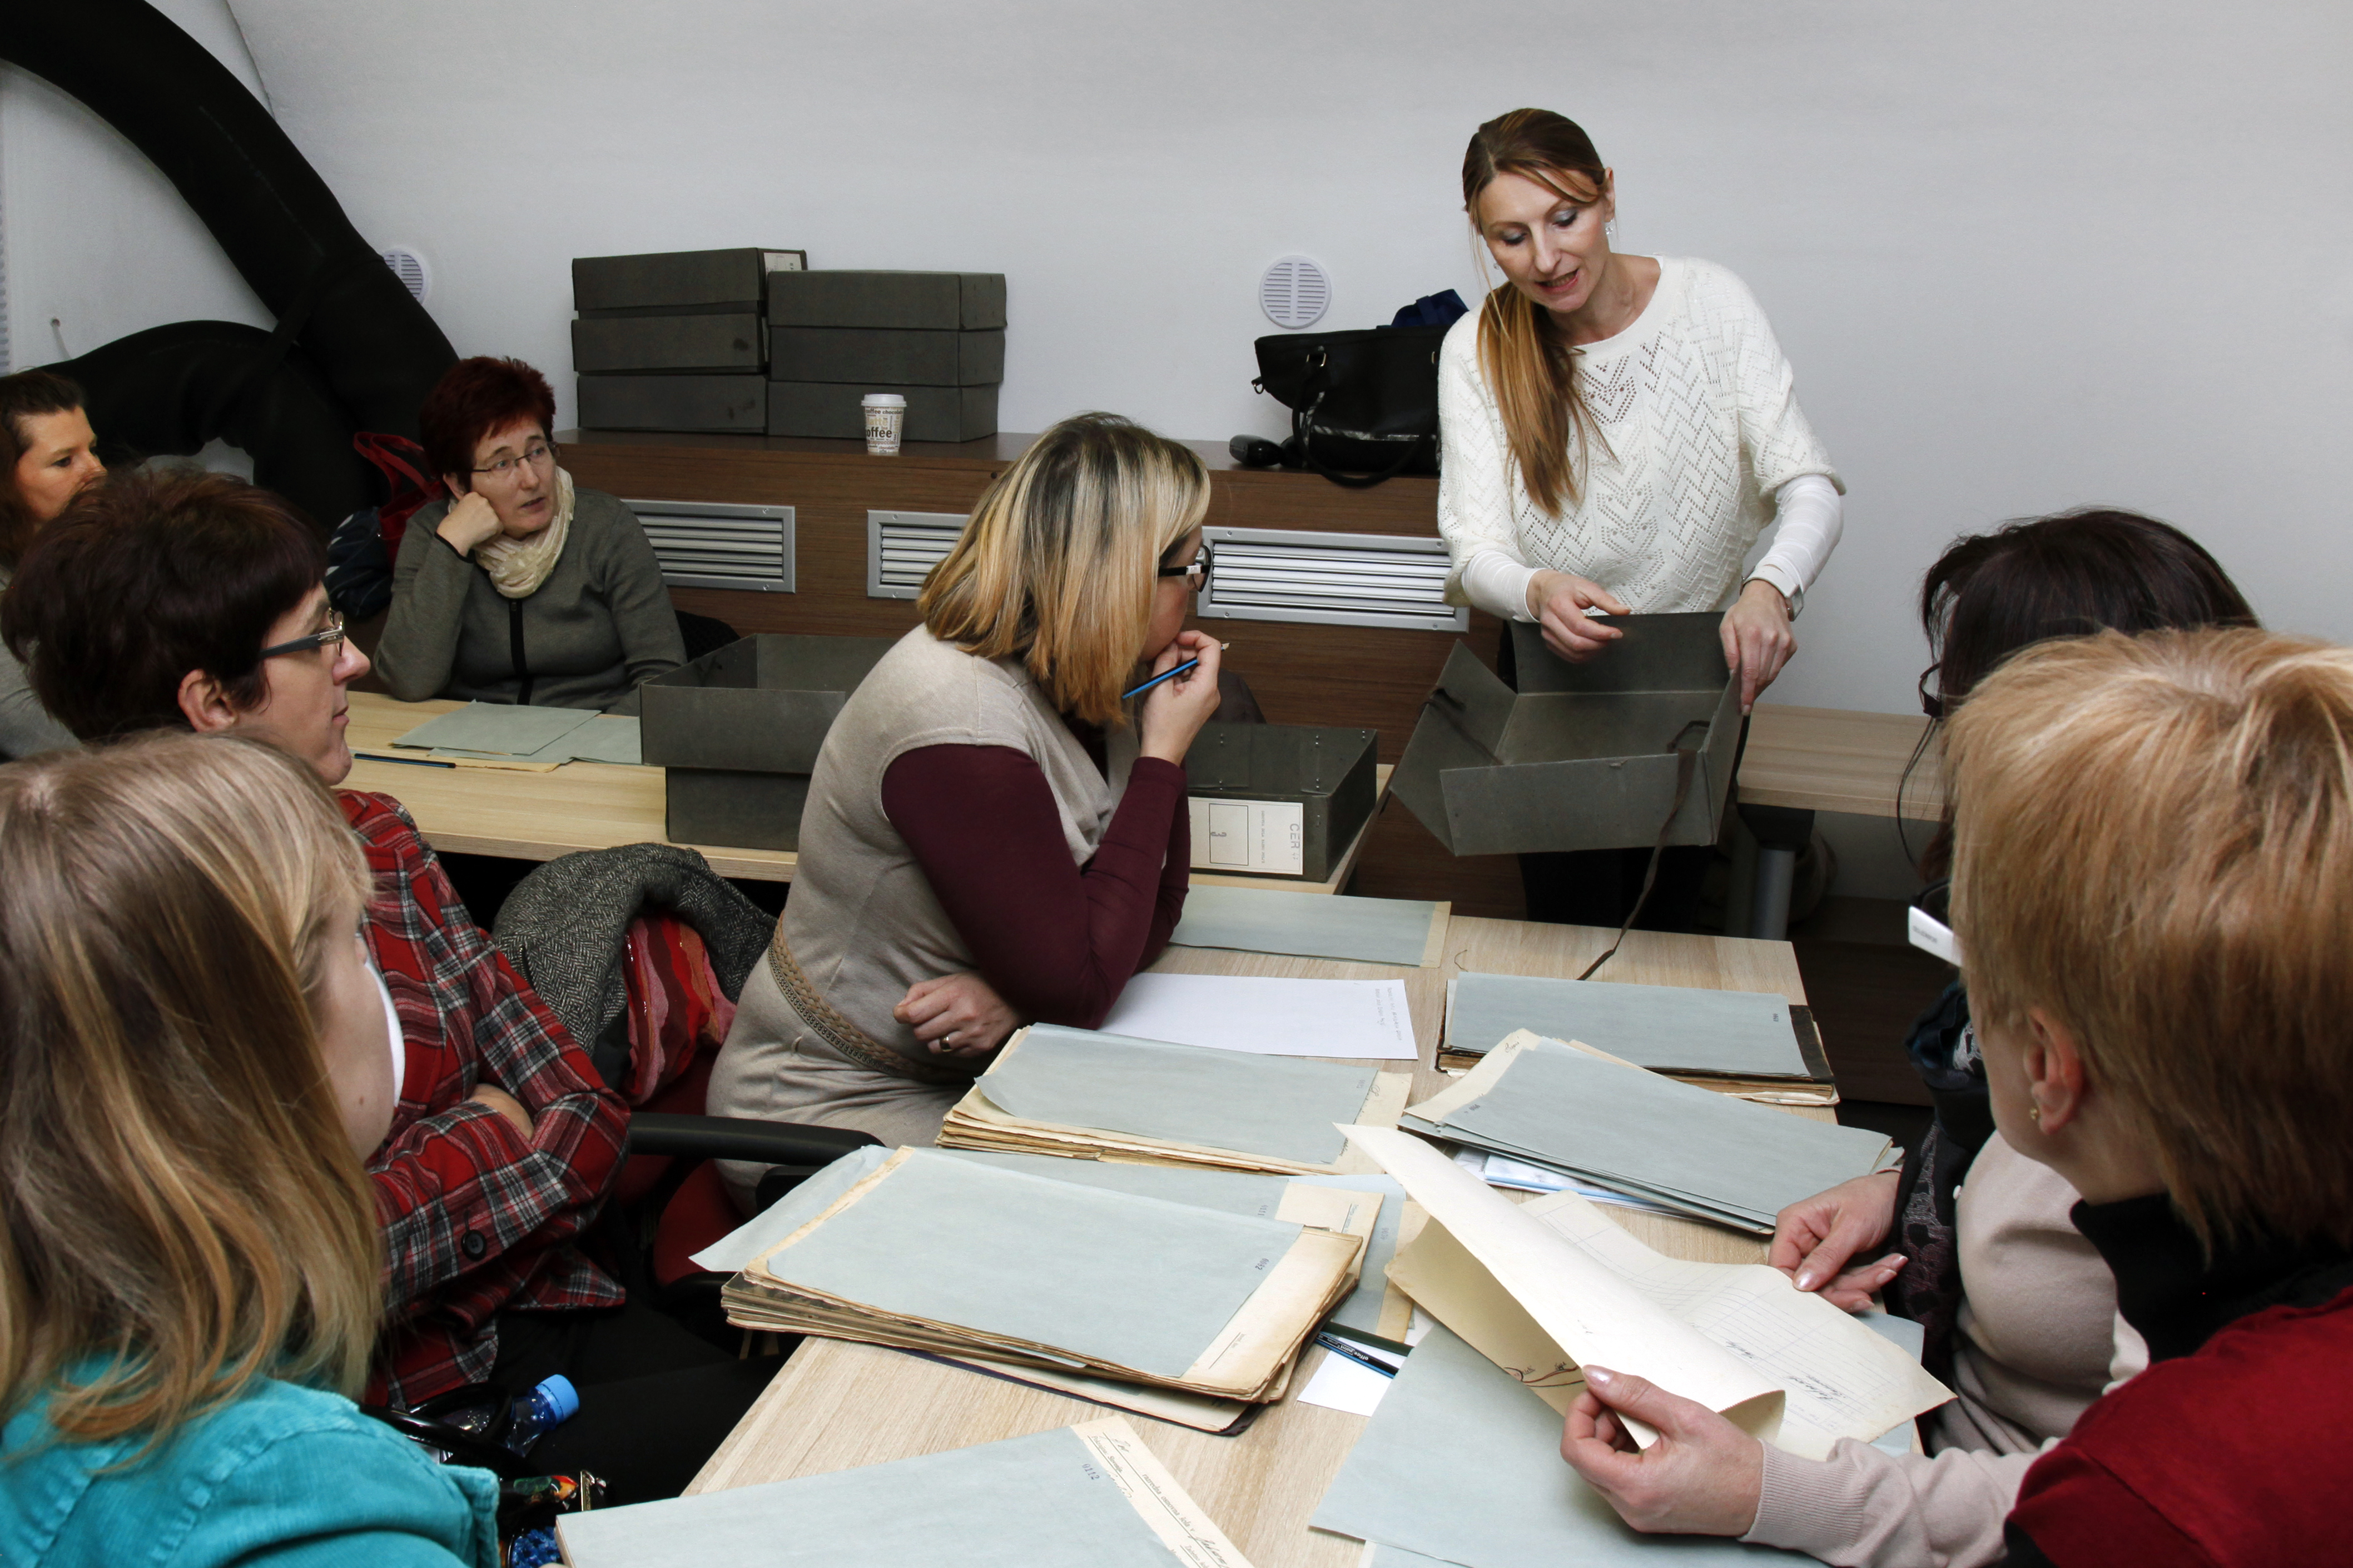 Arhivistka predstavlja tehnično opremo za popisovanje arhivskega gradiva